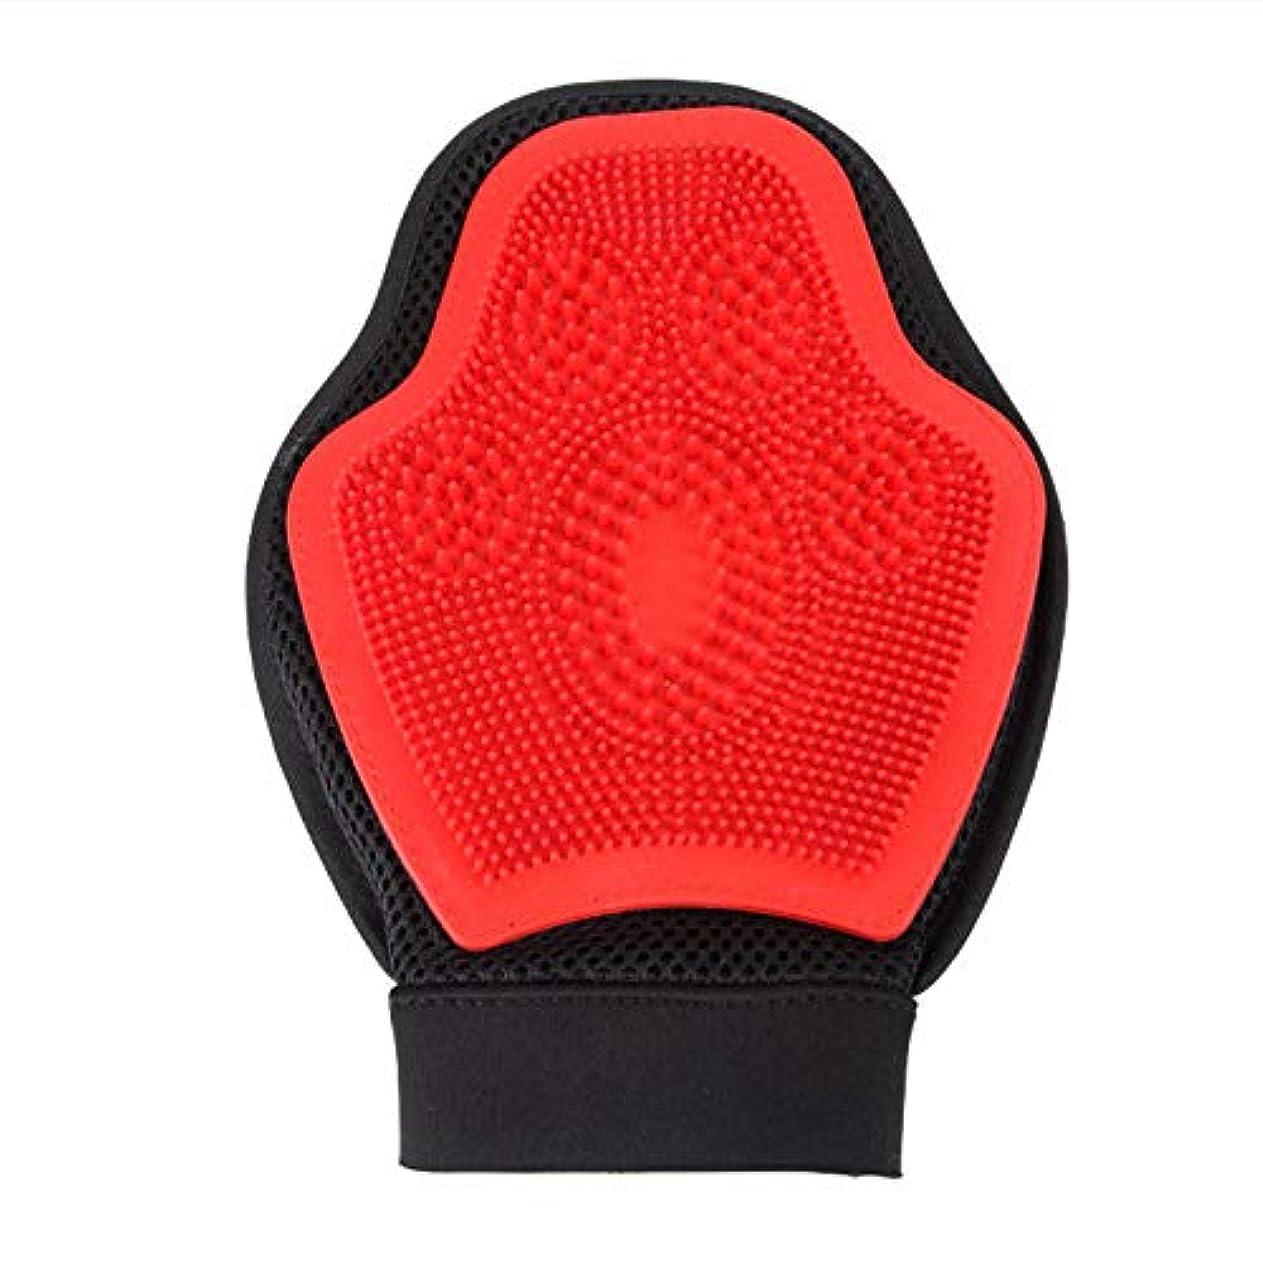 シンプルさブースト惨めなBTXXYJP 手袋 ペット ブラシ グローブ 猫 ブラシ クリーナー 抜け毛取り ブラッシング マッサージブラシ 犬 グローブ ペット毛取りブラシ お手入れ (Color : Red, Size : L)